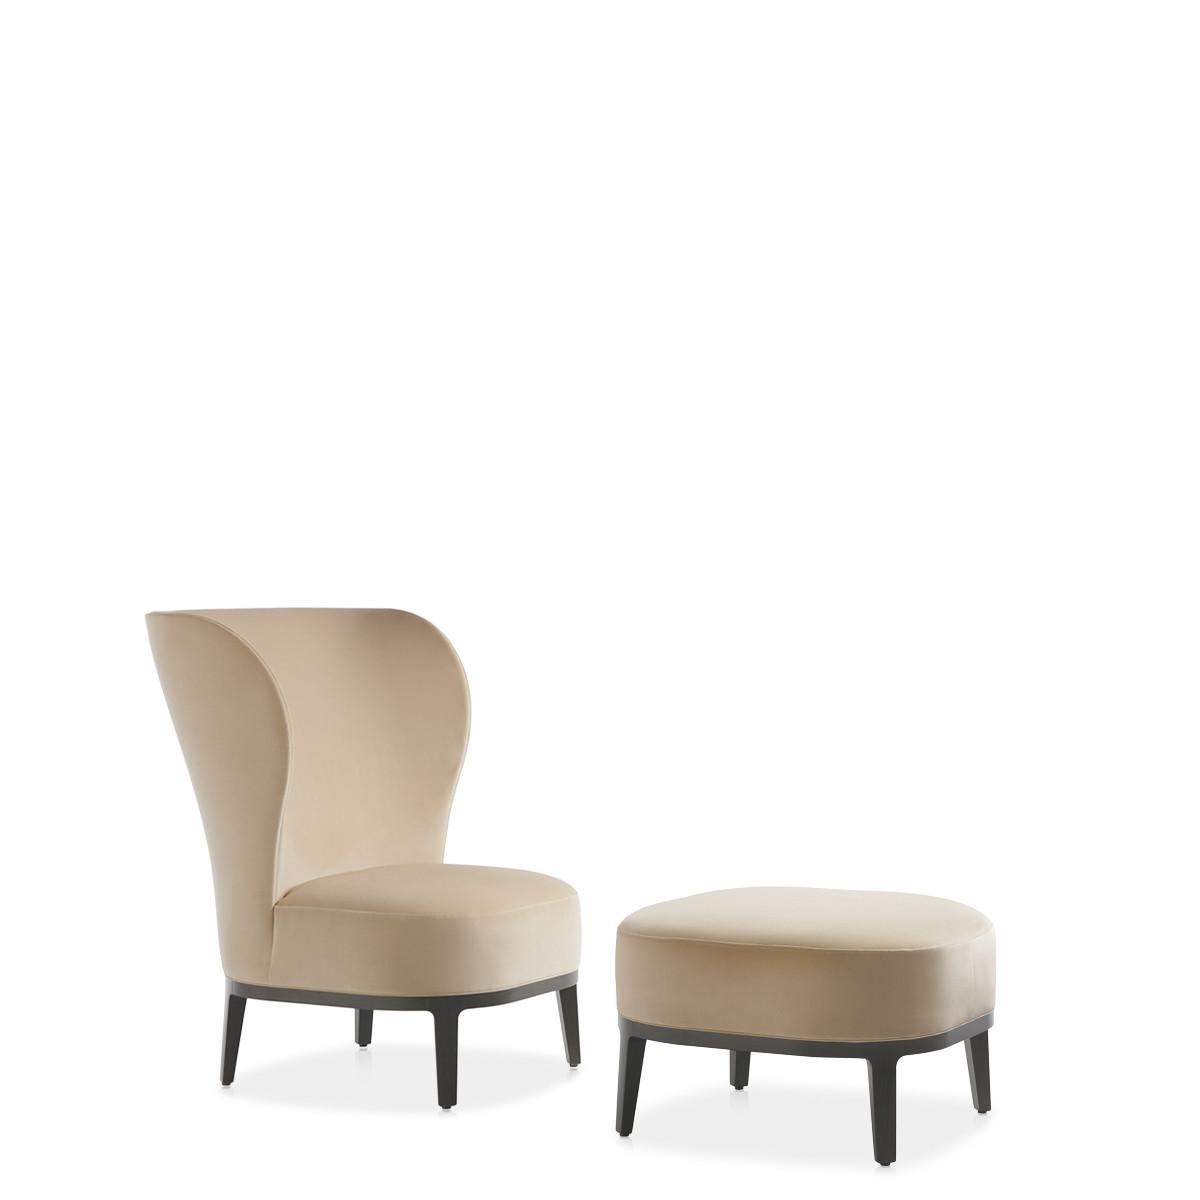 Entdecken Sie bei Conzept Beckord besondere Designmöbel! Hier finden Sie Potocco Sofas und Sessel: Spring wei